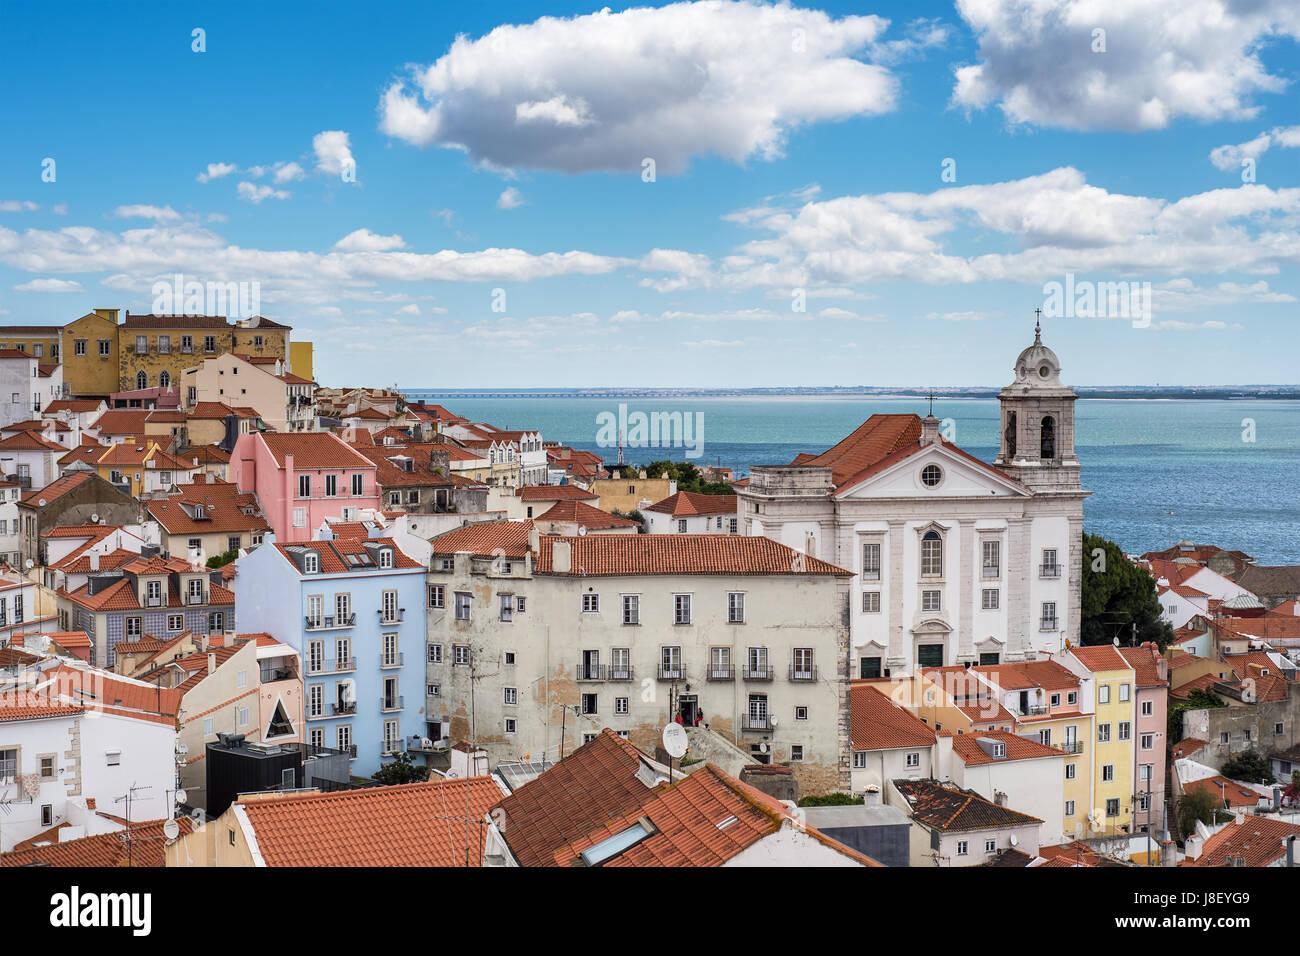 Vue aérienne de la ville de Lisbonne et le Tage avec les toits rouges et les repères Photo Stock